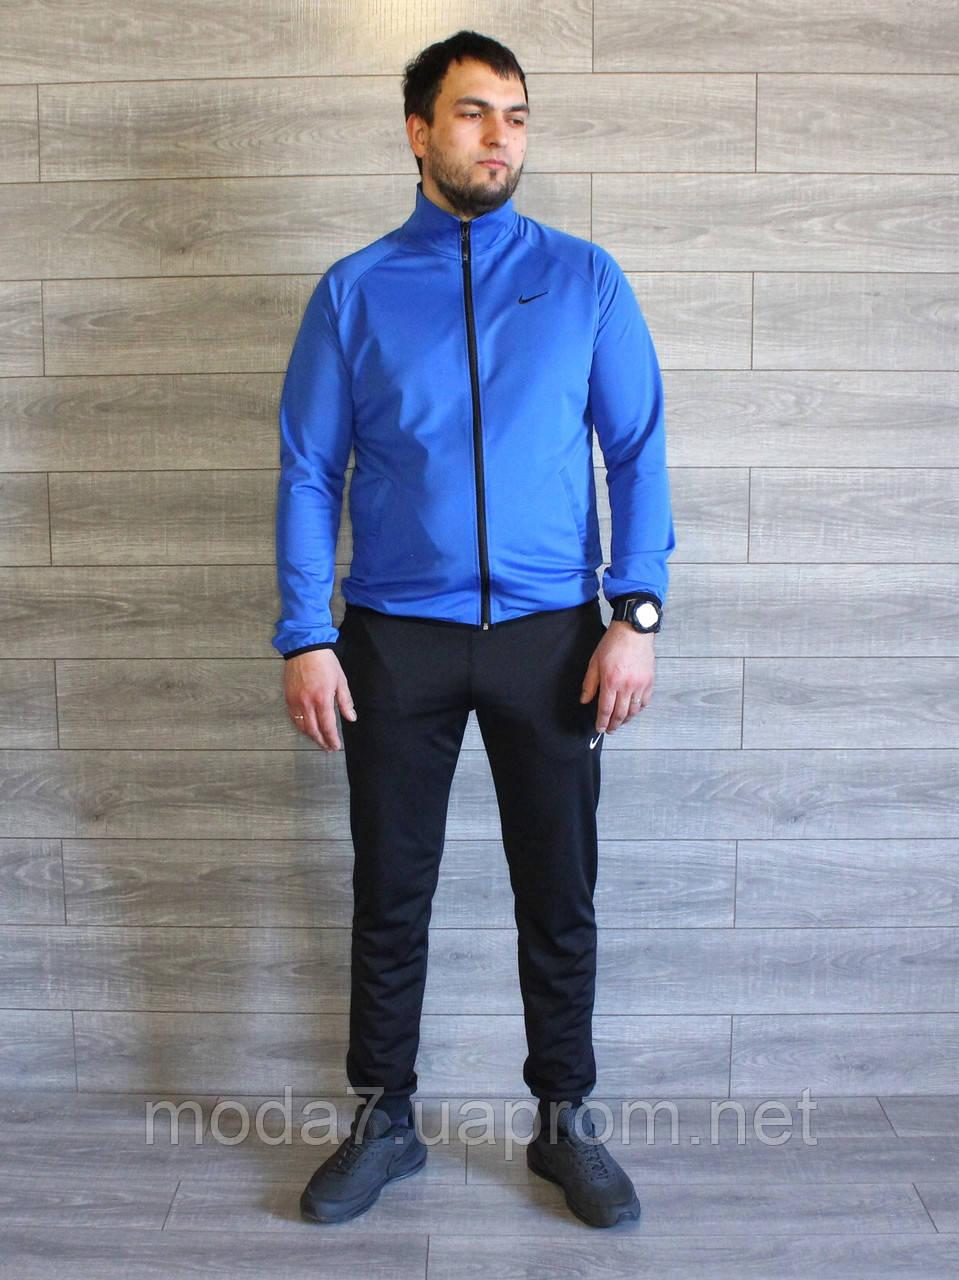 Спортивный костюм мужской Nike электрик (синий), черный Турция реплика